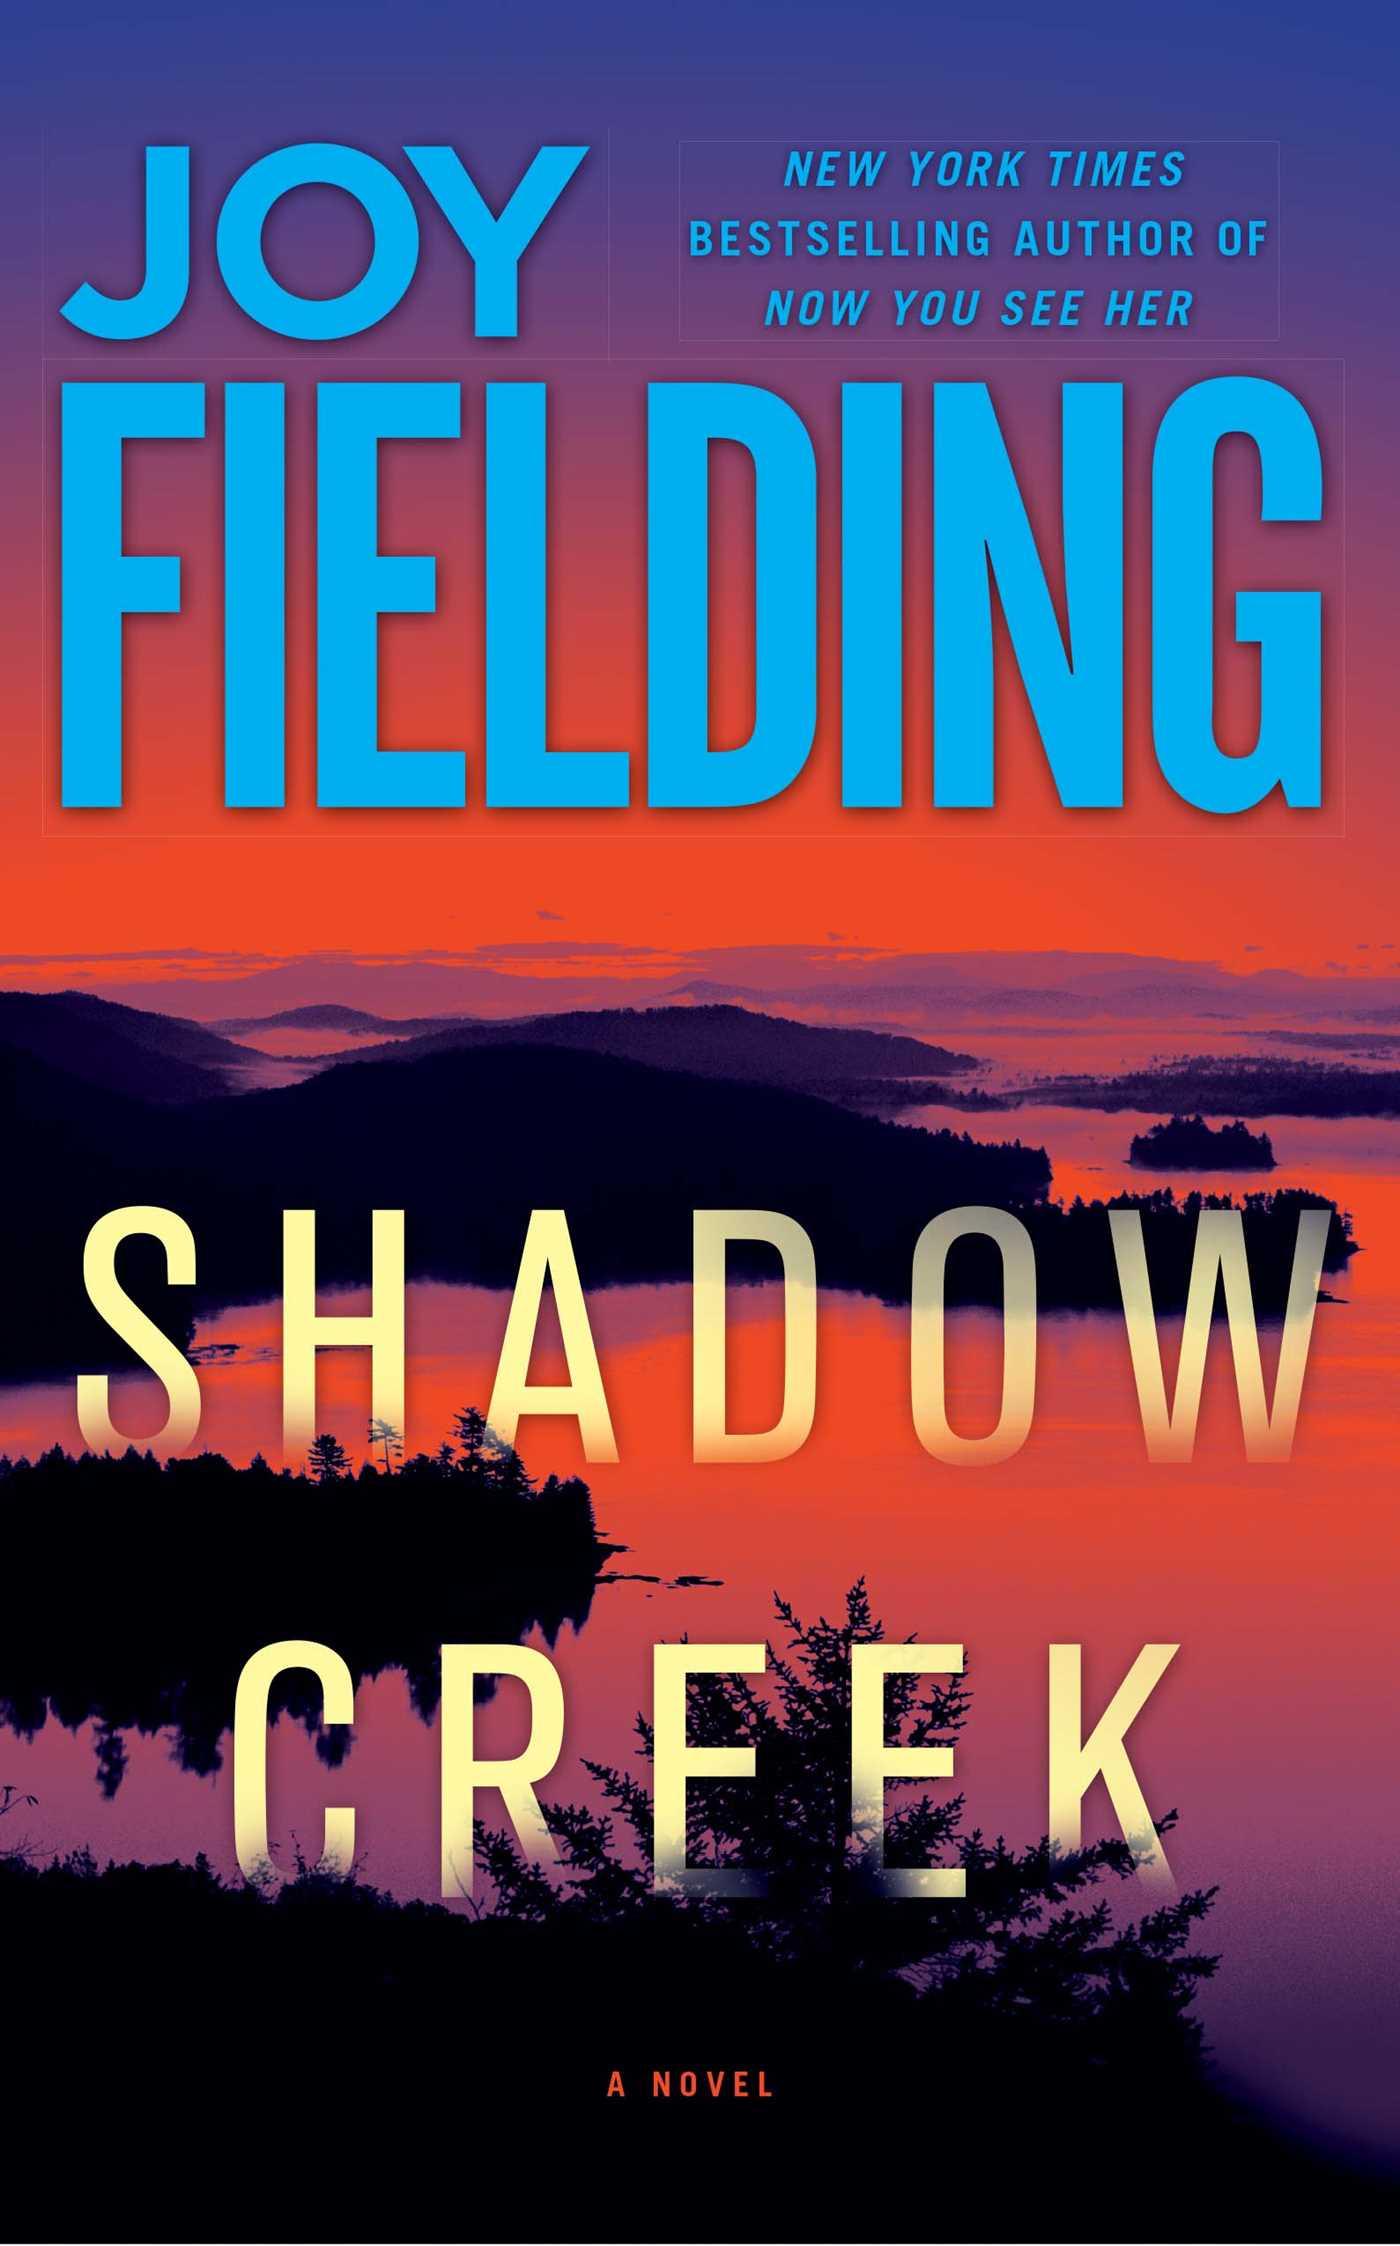 Shadow creek 9781451688160 hr